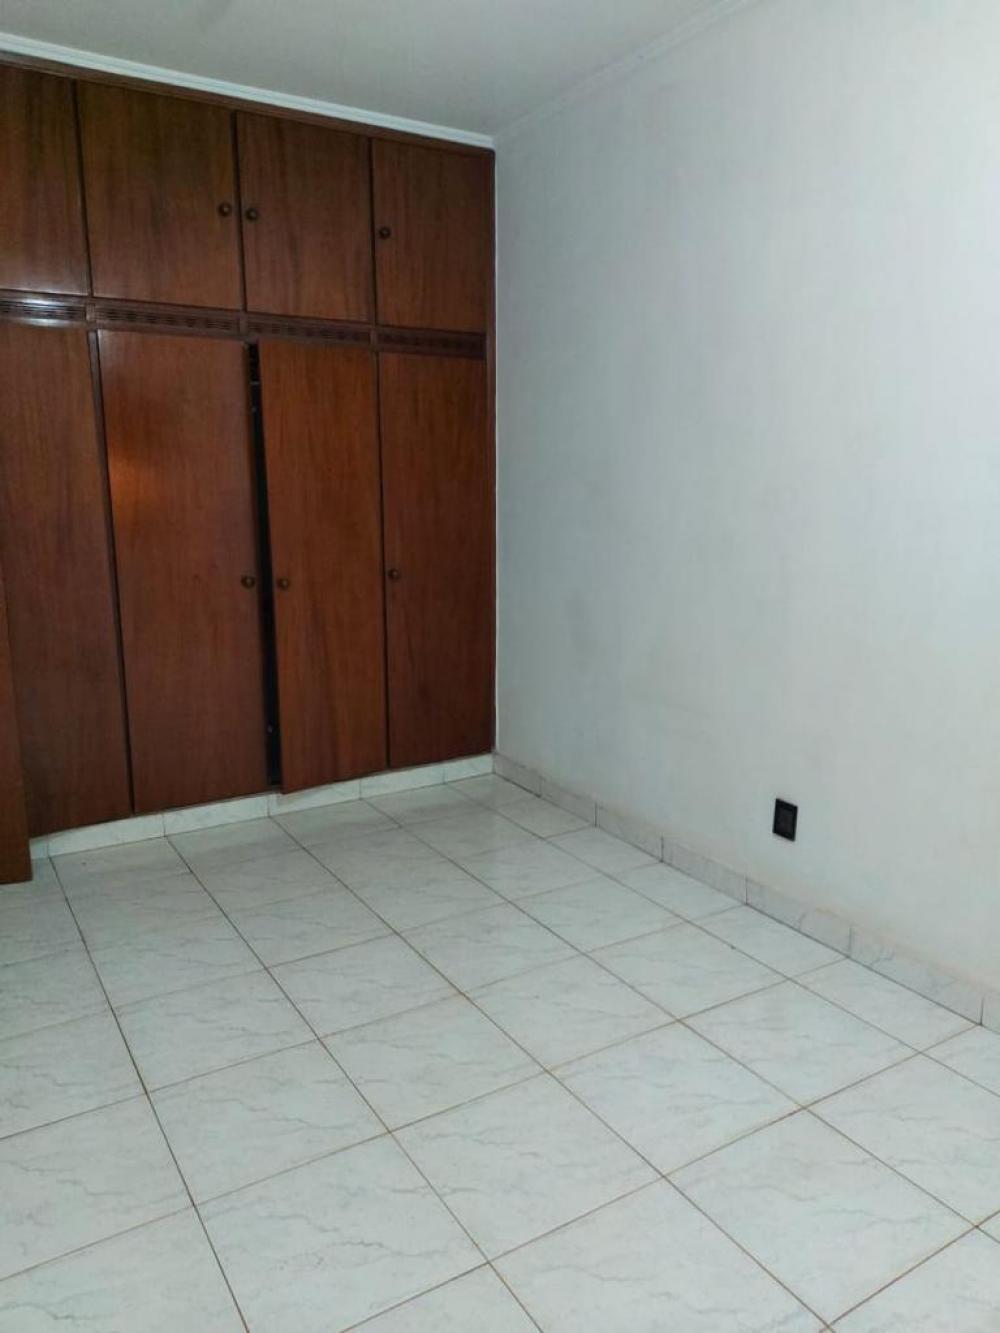 Alugar Comercial / Imóvel Comercial em Ribeirão Preto R$ 6.000,00 - Foto 9